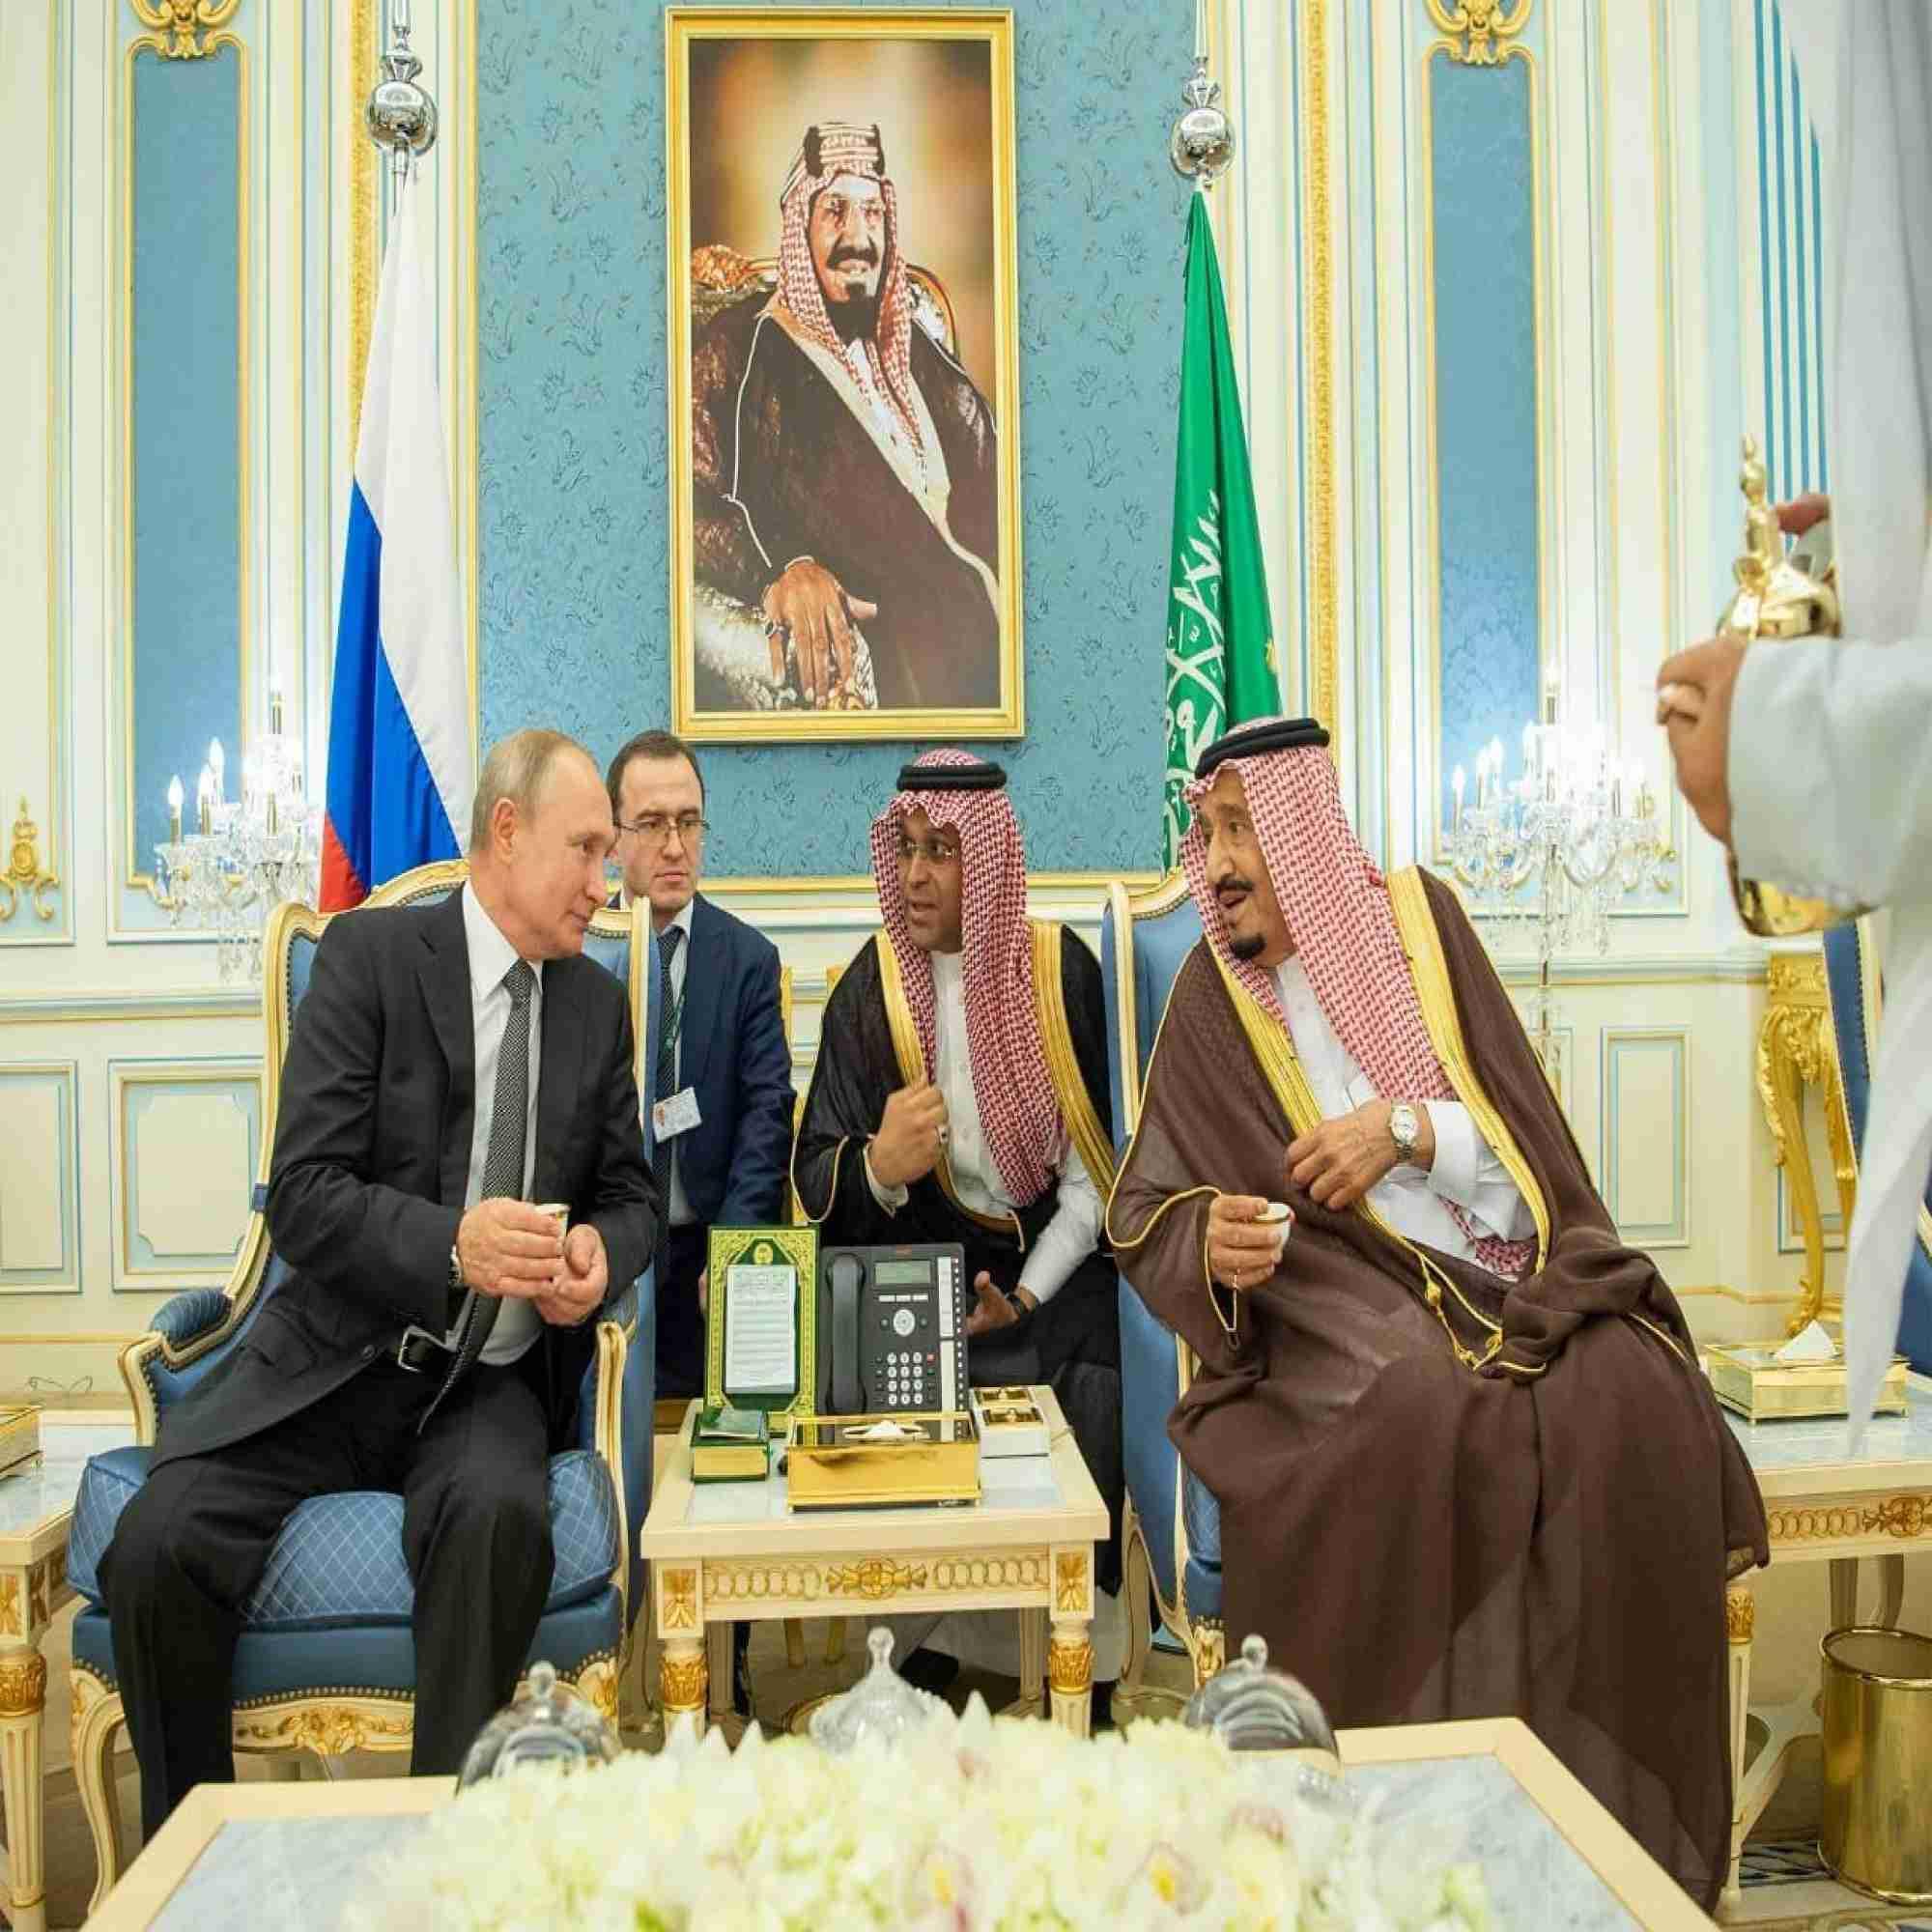 السعودية تخطط للاستثمار في الزراعة وبناء الأبراج الشاهقة بروسيا